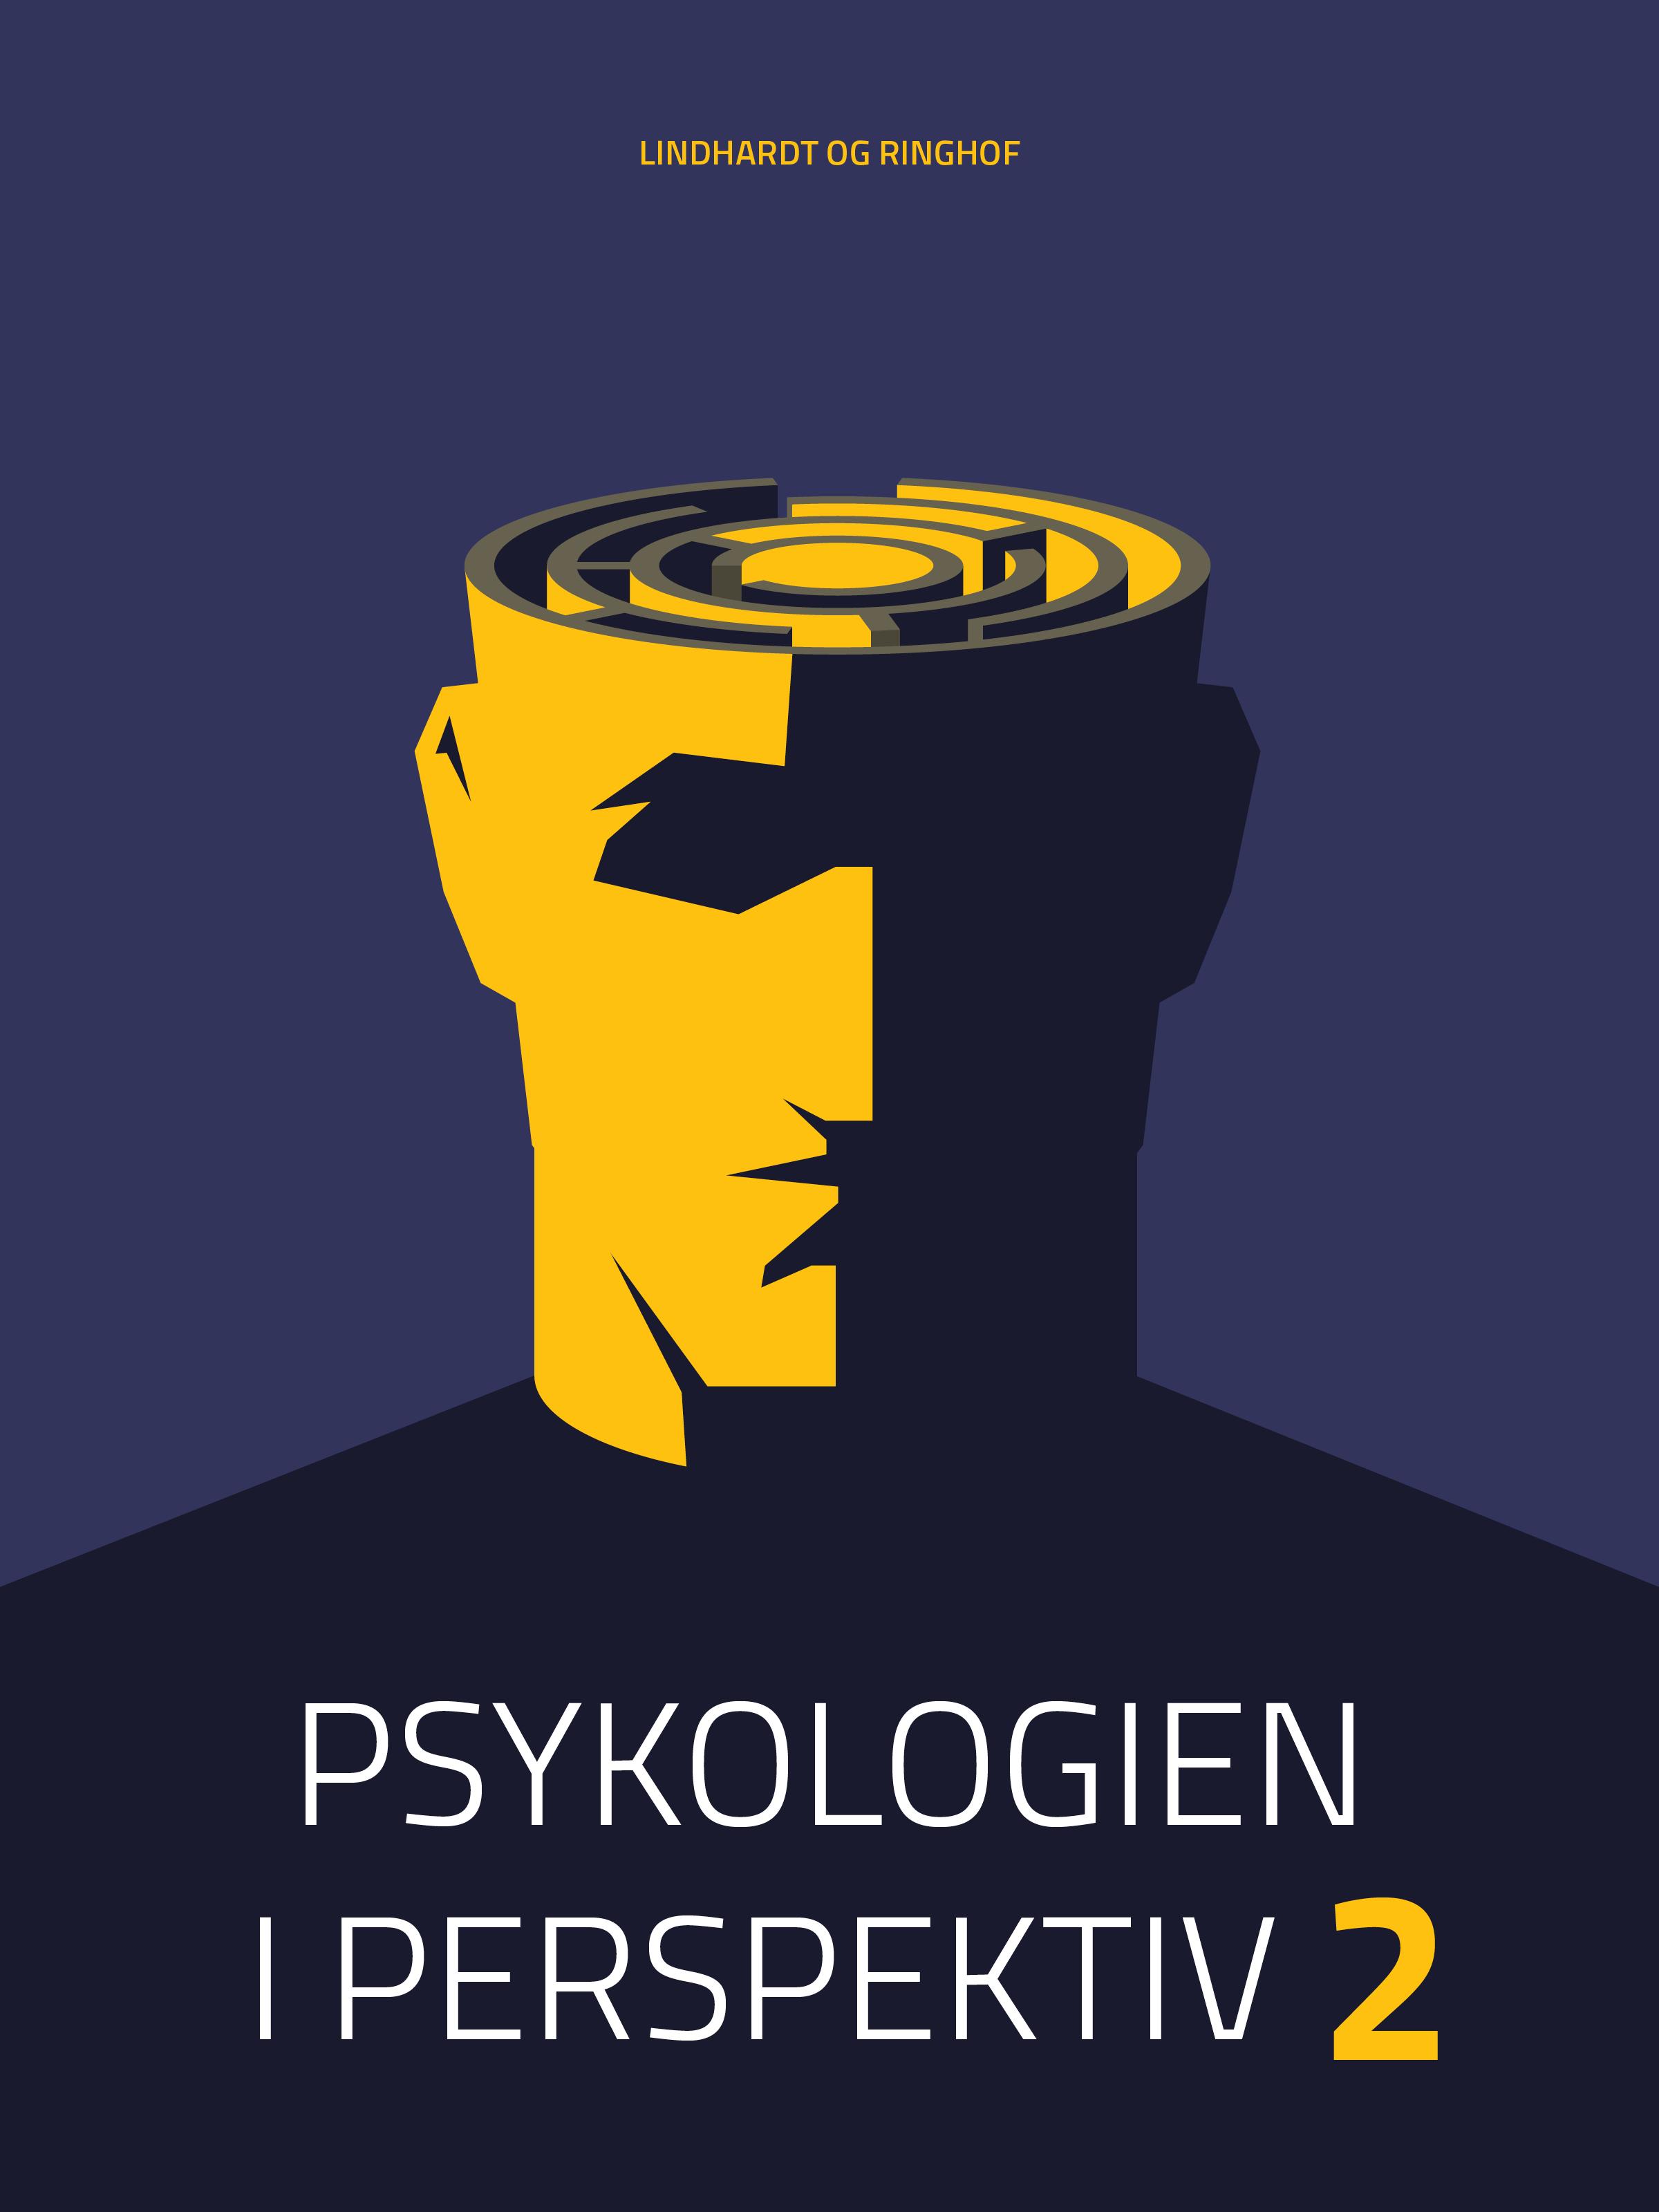 Psykologien i perspektiv ii - e-bog fra N/A fra bog & mystik